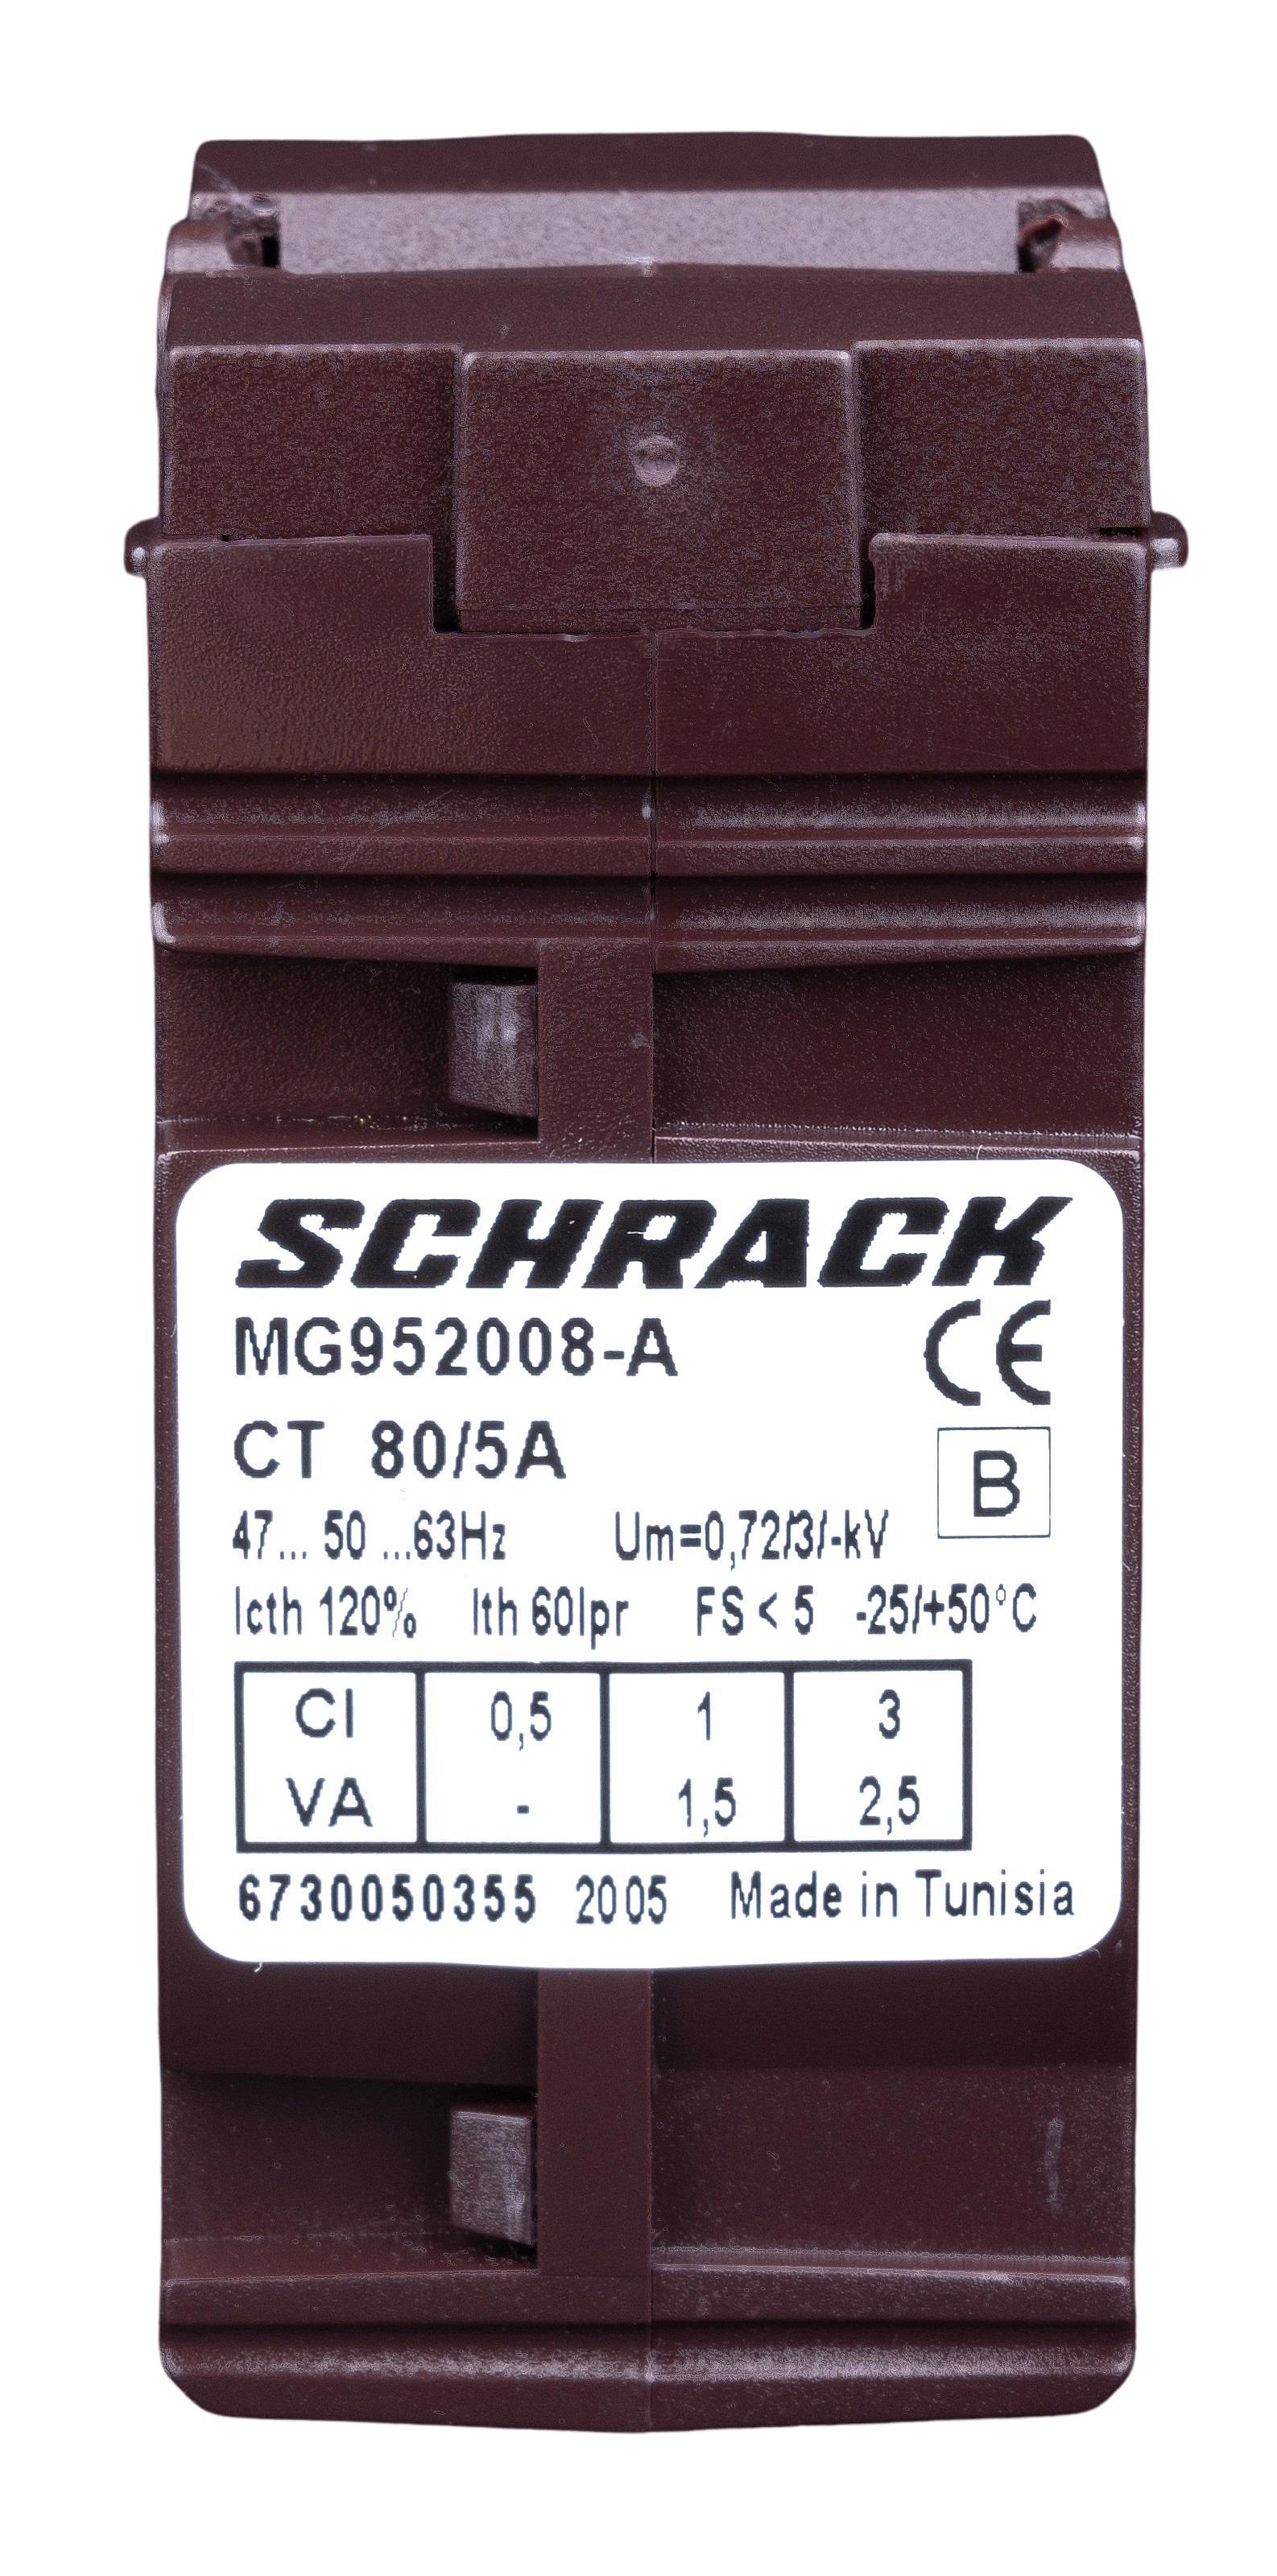 1 Stk Durchsteckstromwandler für Kabel 21mm, 80/5A, Klasse 1 MG952008-A